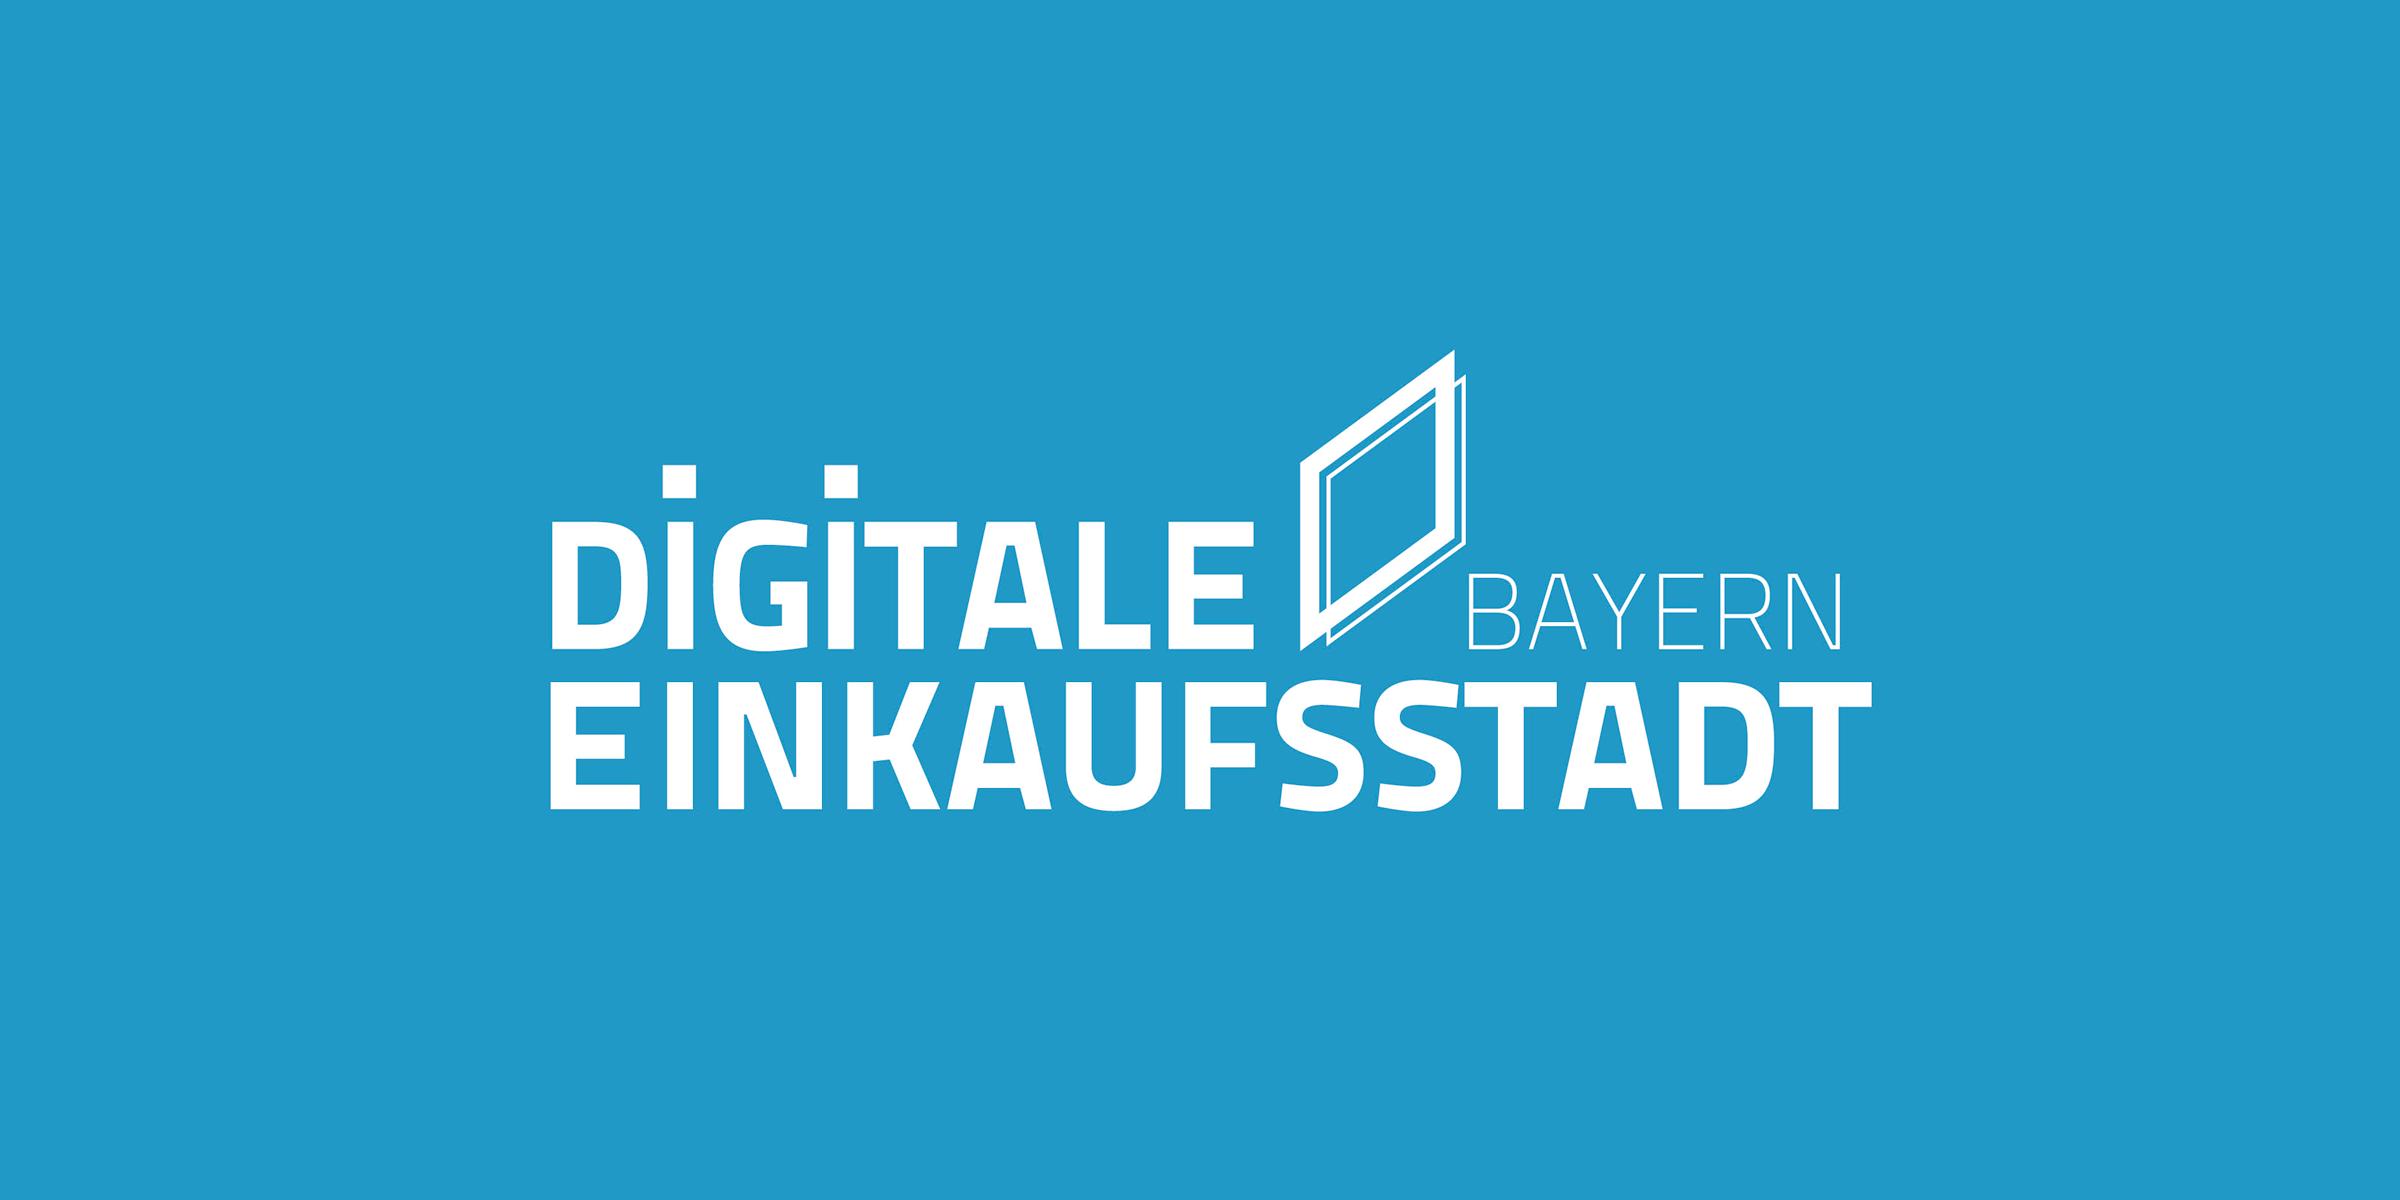 banner_einkaufsstadt